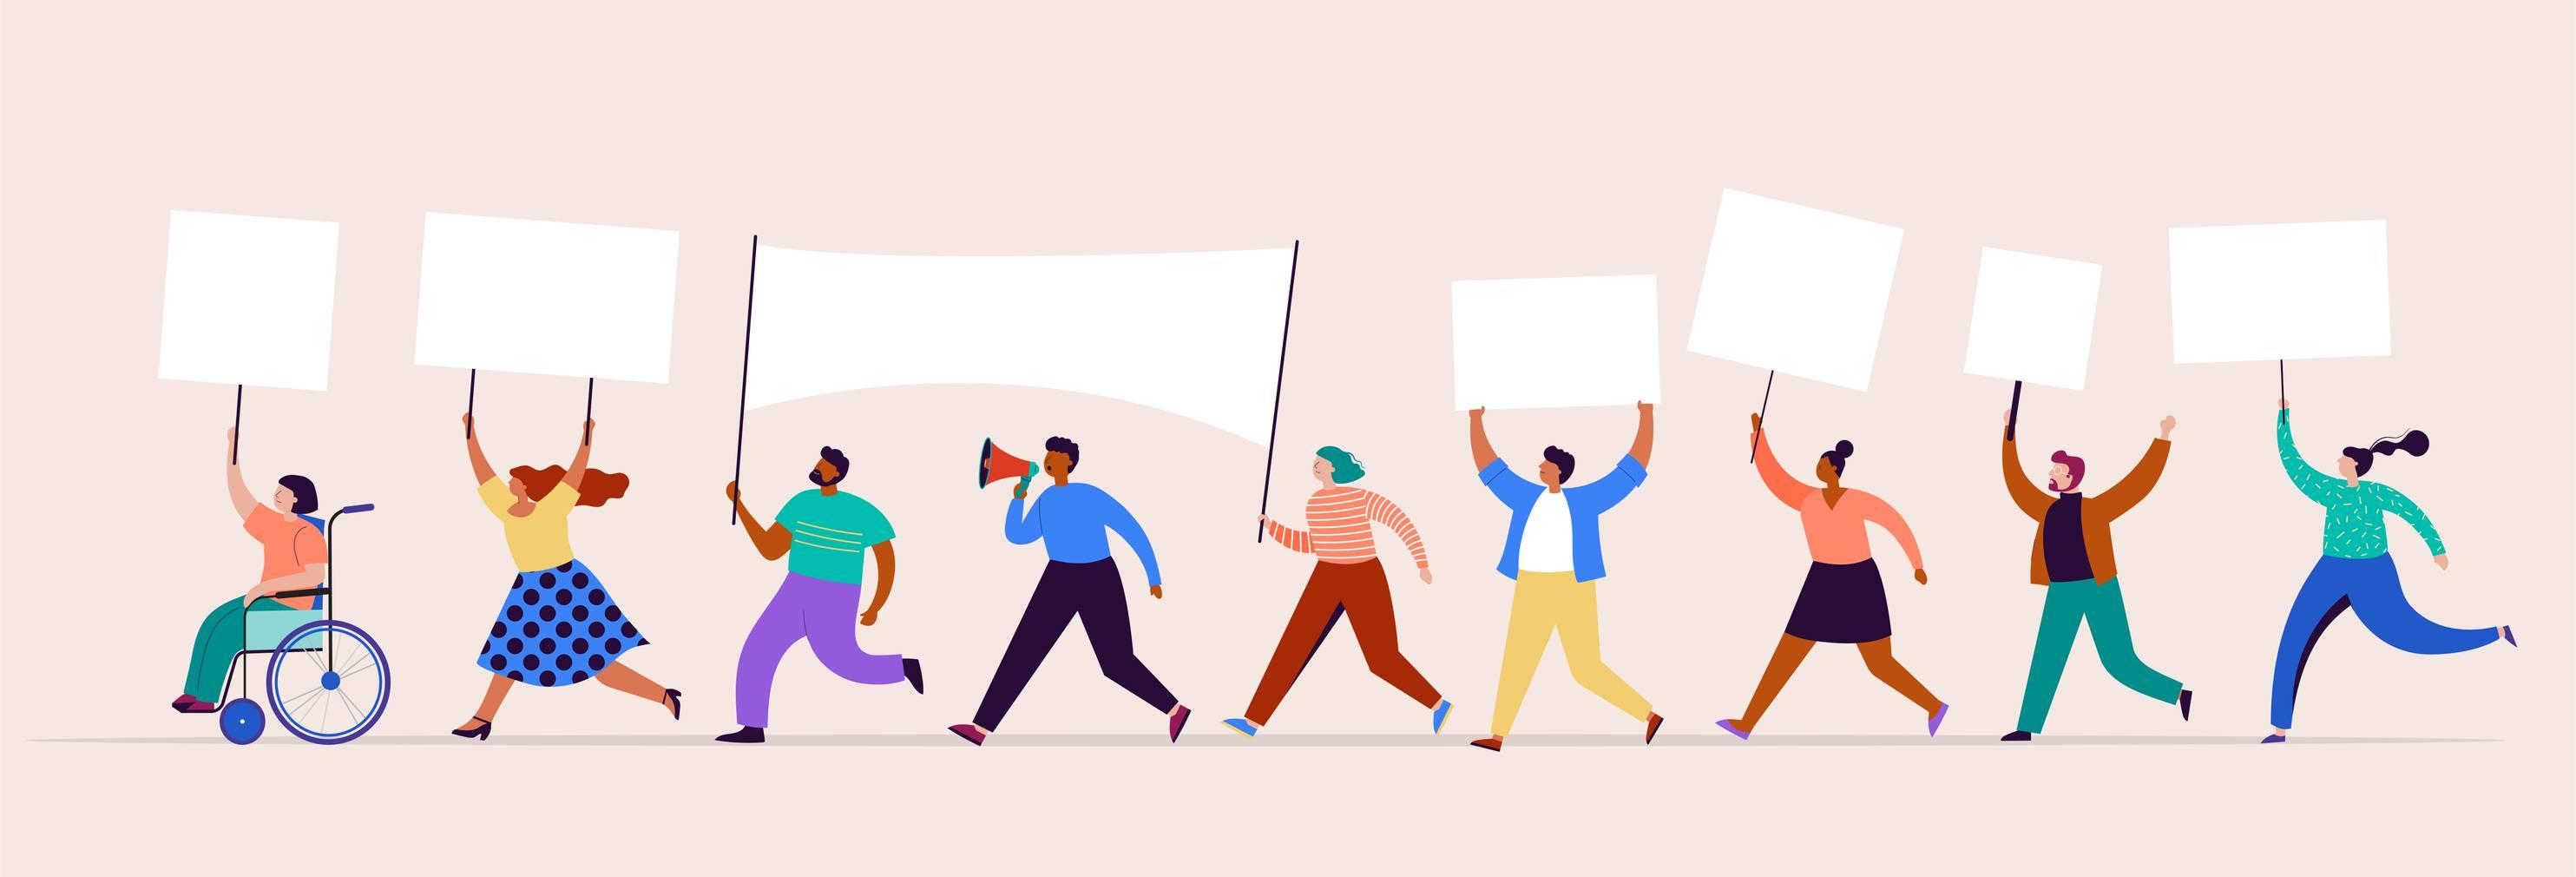 www.juicysantos.com.br - curso sobre política gratis